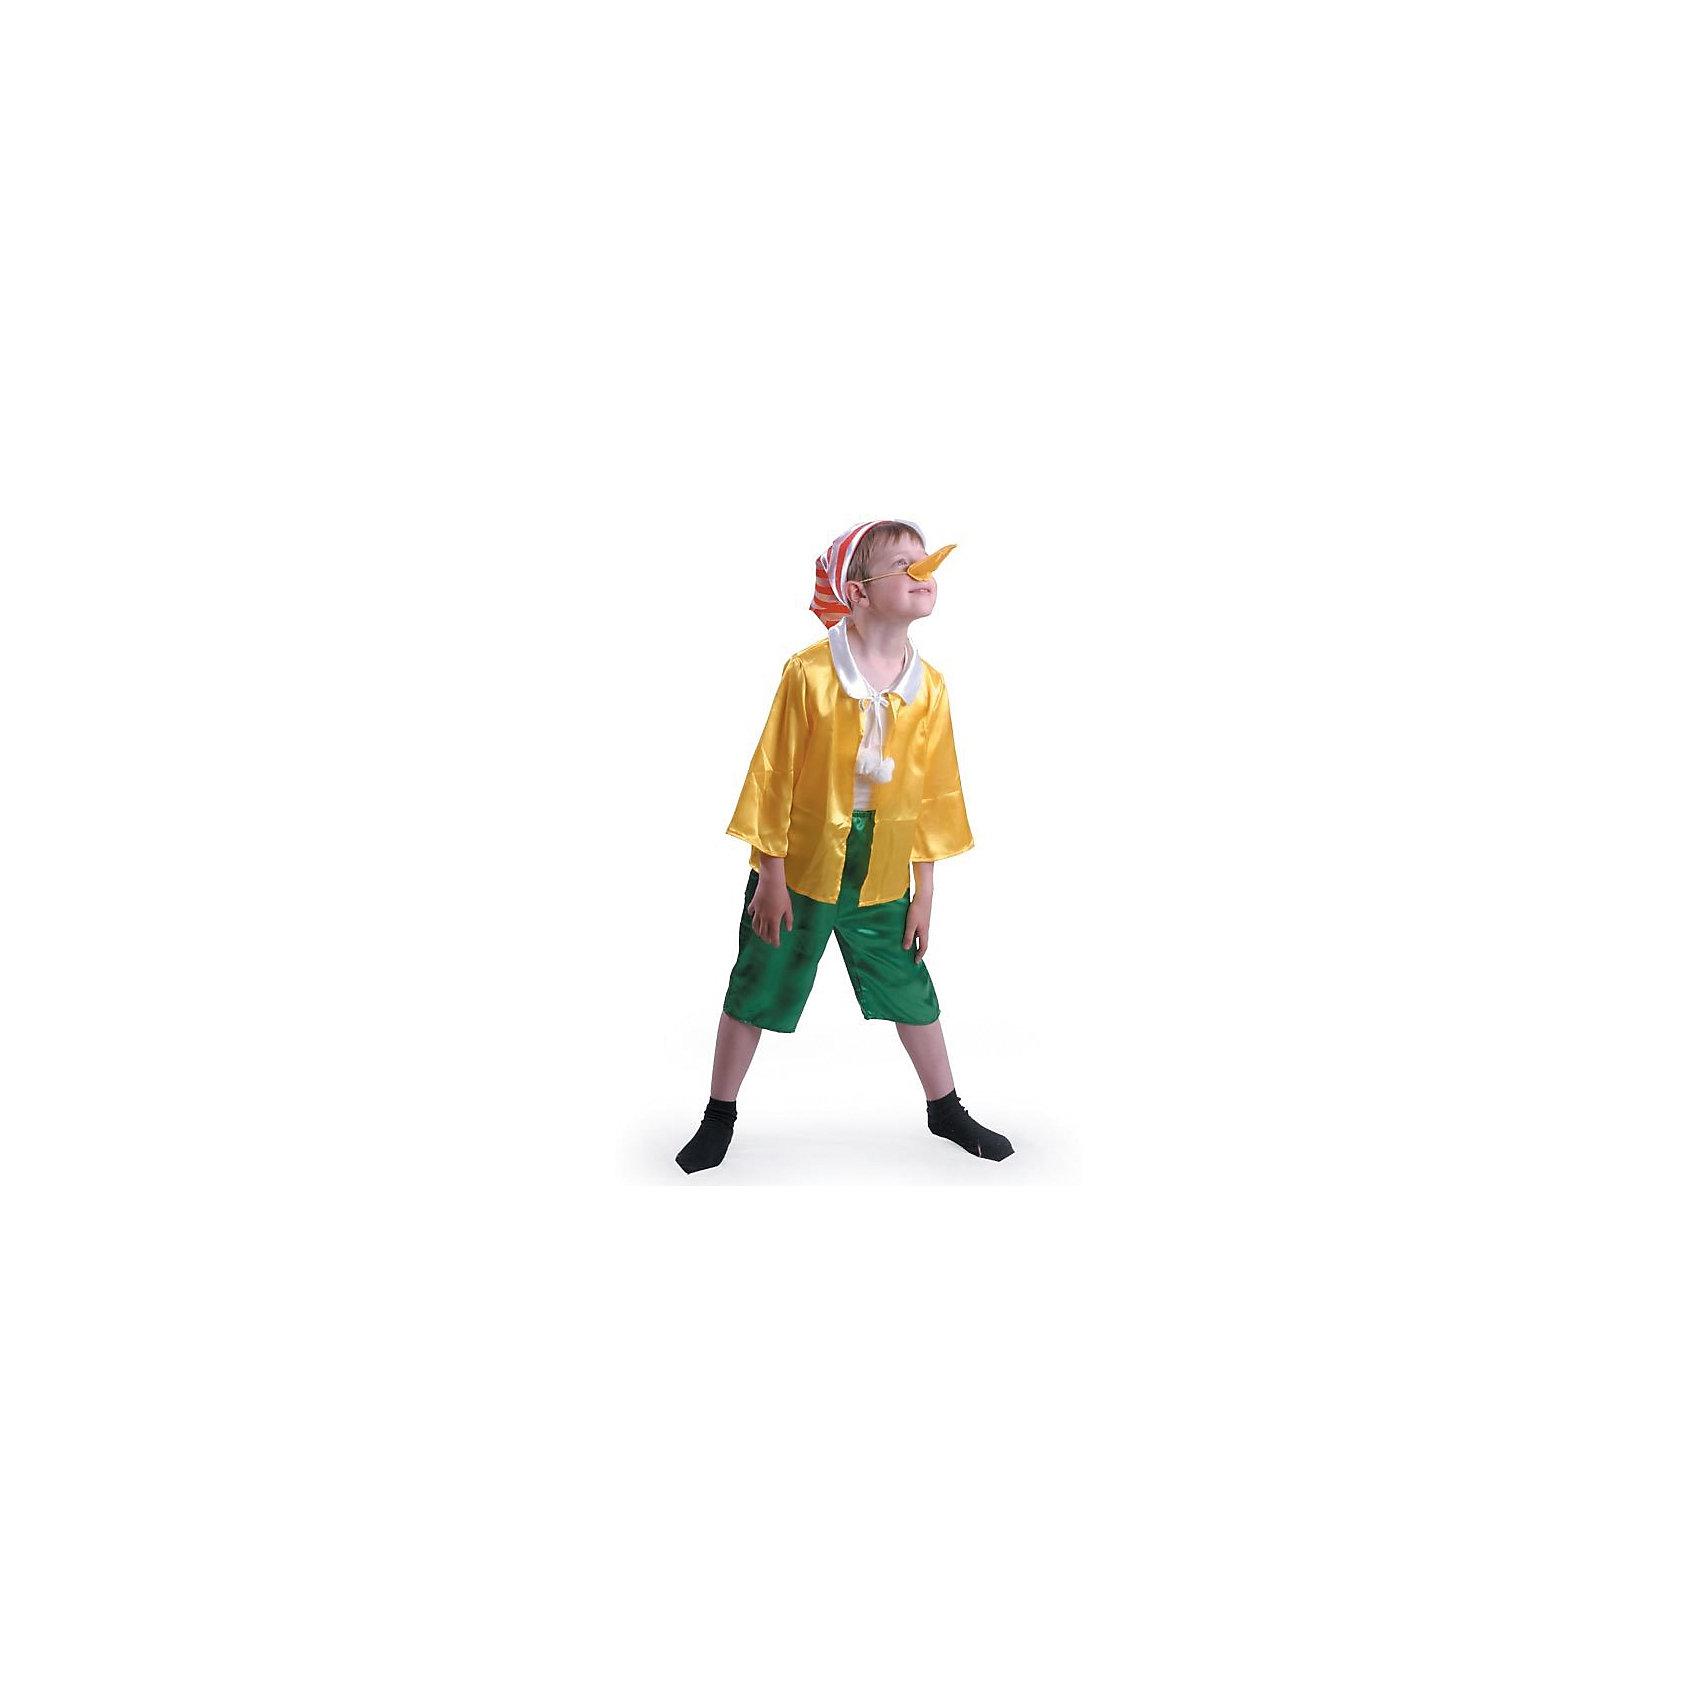 Карнавальный костюм Буратино, БатикМаски и карнавальные костюмы<br>Карнавальный костюм Буратино, Батик<br><br>Характеристики:<br><br>• Материал: сатин, 100% полиэстер.<br>• Цвет: зеленый, желтый.<br><br>В комплекте:<br><br>• куртка;<br>• бриджи;<br>• колпак;<br>• нос. <br><br>Ваш мальчик любит истории про приключения Буратино? Тогда этот костюм для него! Сатиновая рубашка декорированная белым воротничком с завязками, на концах которых пампоны, и колпак с полосатым красно – белым принтом сразу привлекают внимание. Завершает наряд , конечно же, длинный нос! Такой костюм можно использовать на новогодних утренниках, а также как театральный костюм. В таком костюме «Буратино» ваш мальчик получит максимальное удовольствие от праздника и подарит радость окружающим!<br><br>Карнавальный костюм Буратино, Батик можно купить в нашем интернет – магазине.<br><br>Ширина мм: 500<br>Глубина мм: 50<br>Высота мм: 700<br>Вес г: 600<br>Цвет: разноцветный<br>Возраст от месяцев: 84<br>Возраст до месяцев: 96<br>Пол: Мужской<br>Возраст: Детский<br>Размер: 32,28,30<br>SKU: 5092584